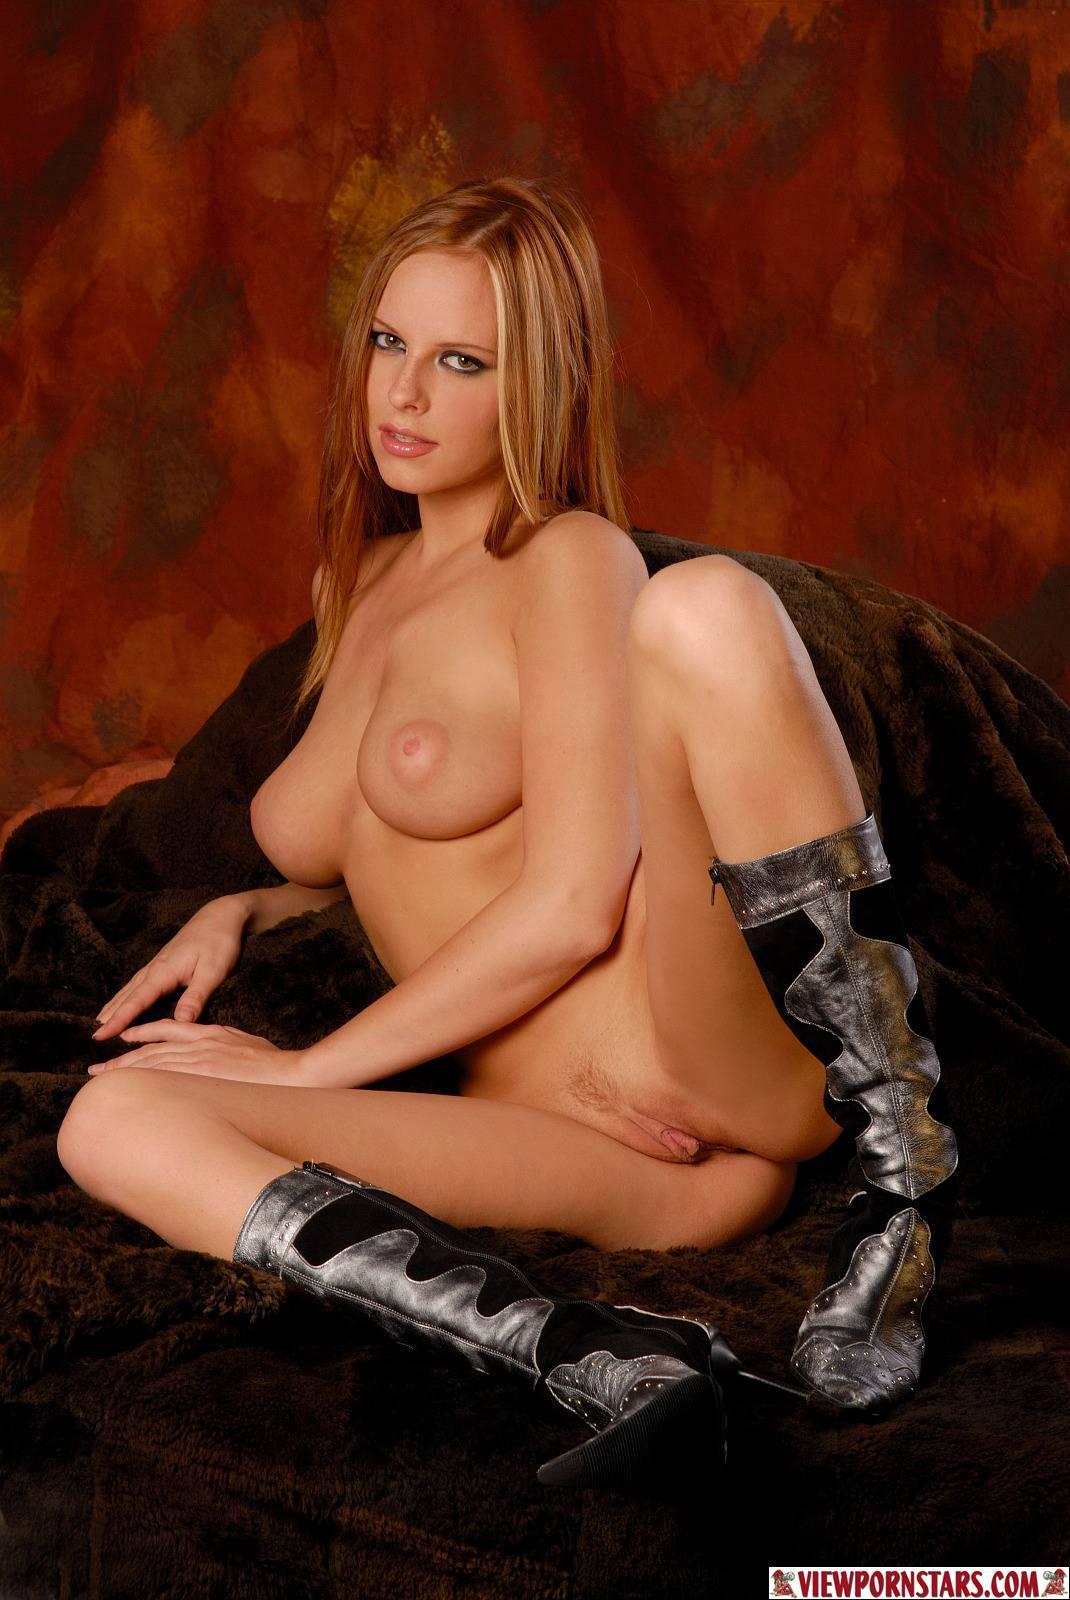 Carmen gemini nude nude model